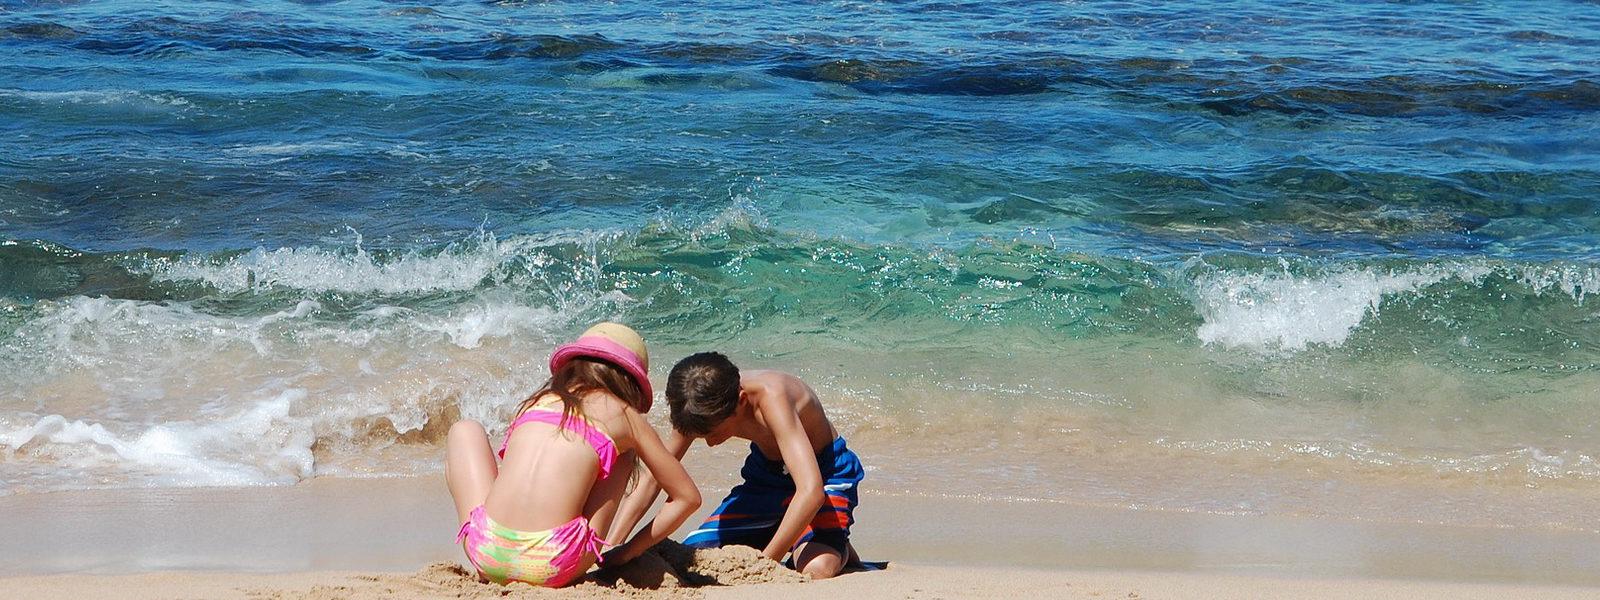 Baby- & Kleinkinderservice in Bali